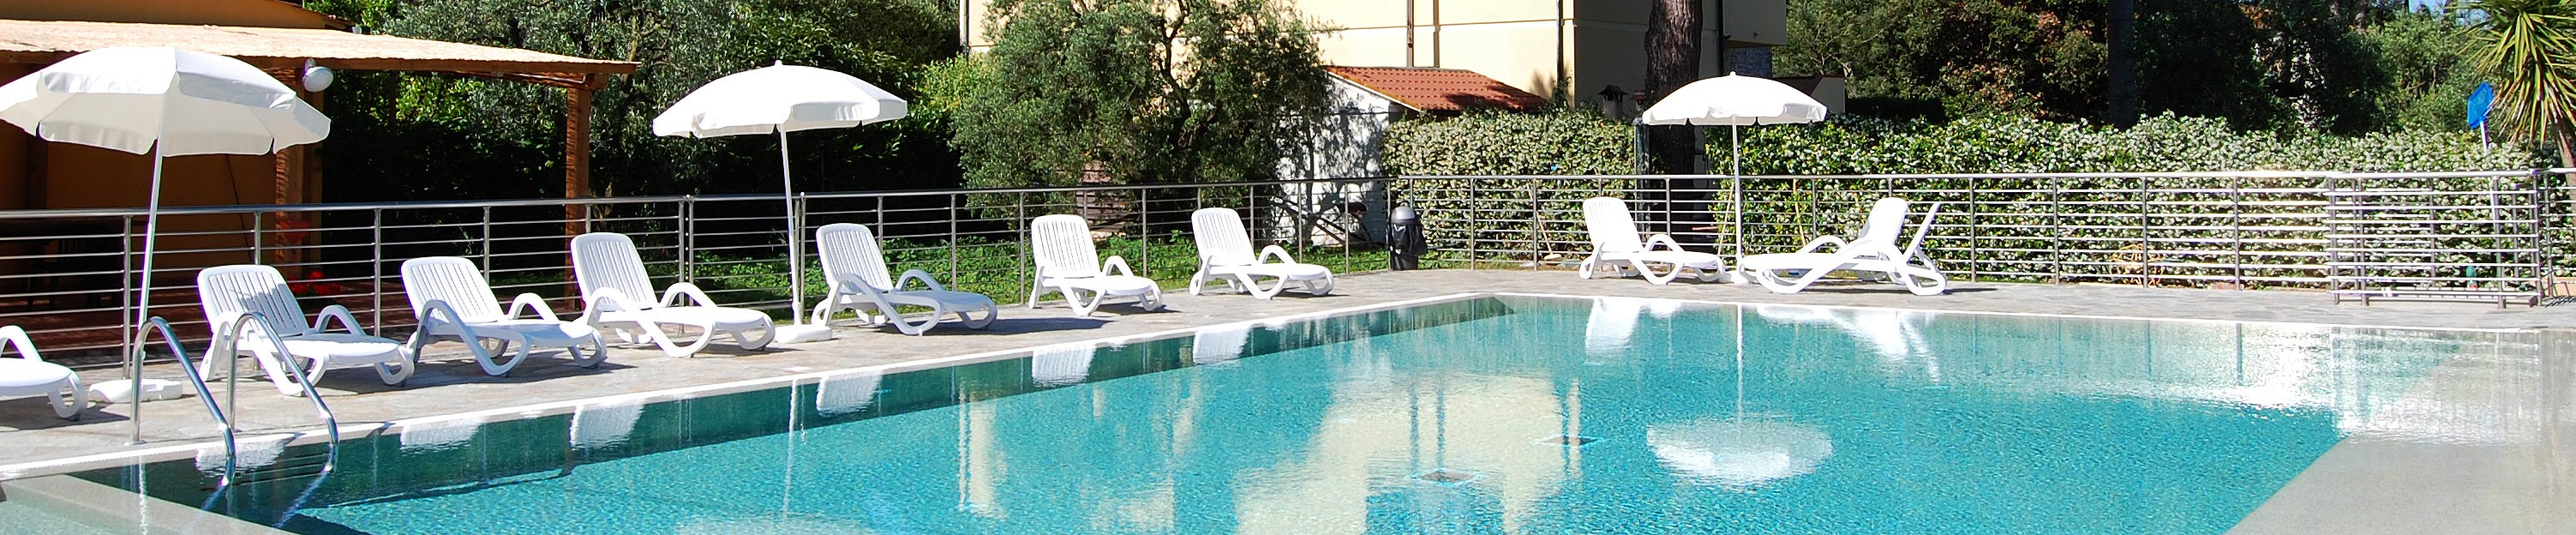 piscina-agriturismo